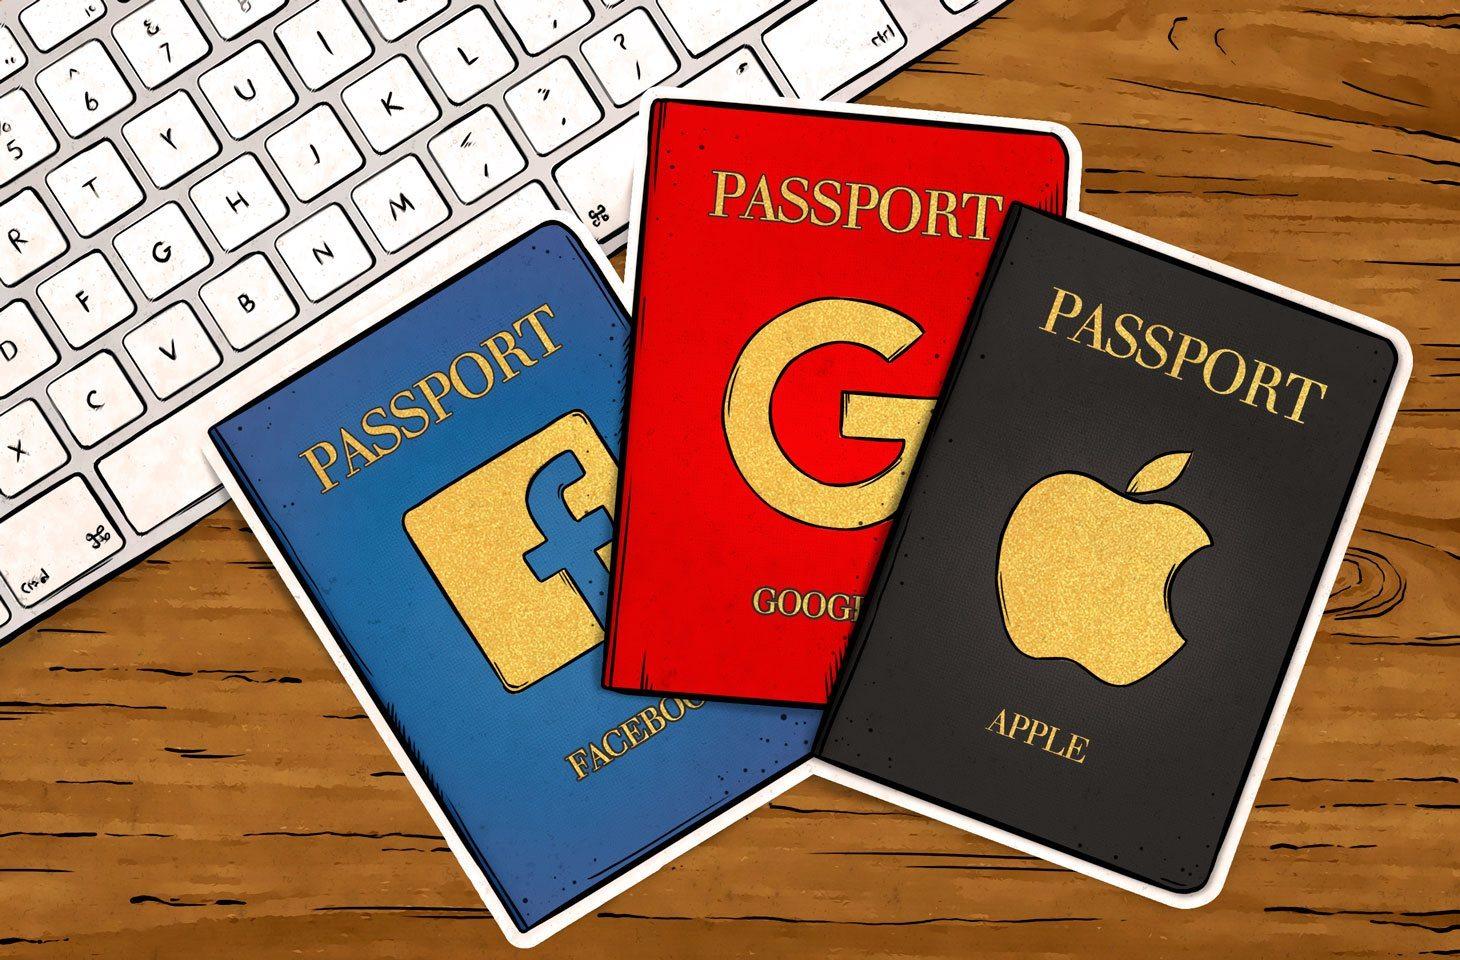 Te contamos en qué difiere Sign In with Apple de las opciones de inicio de sesión con Facebook y Google.